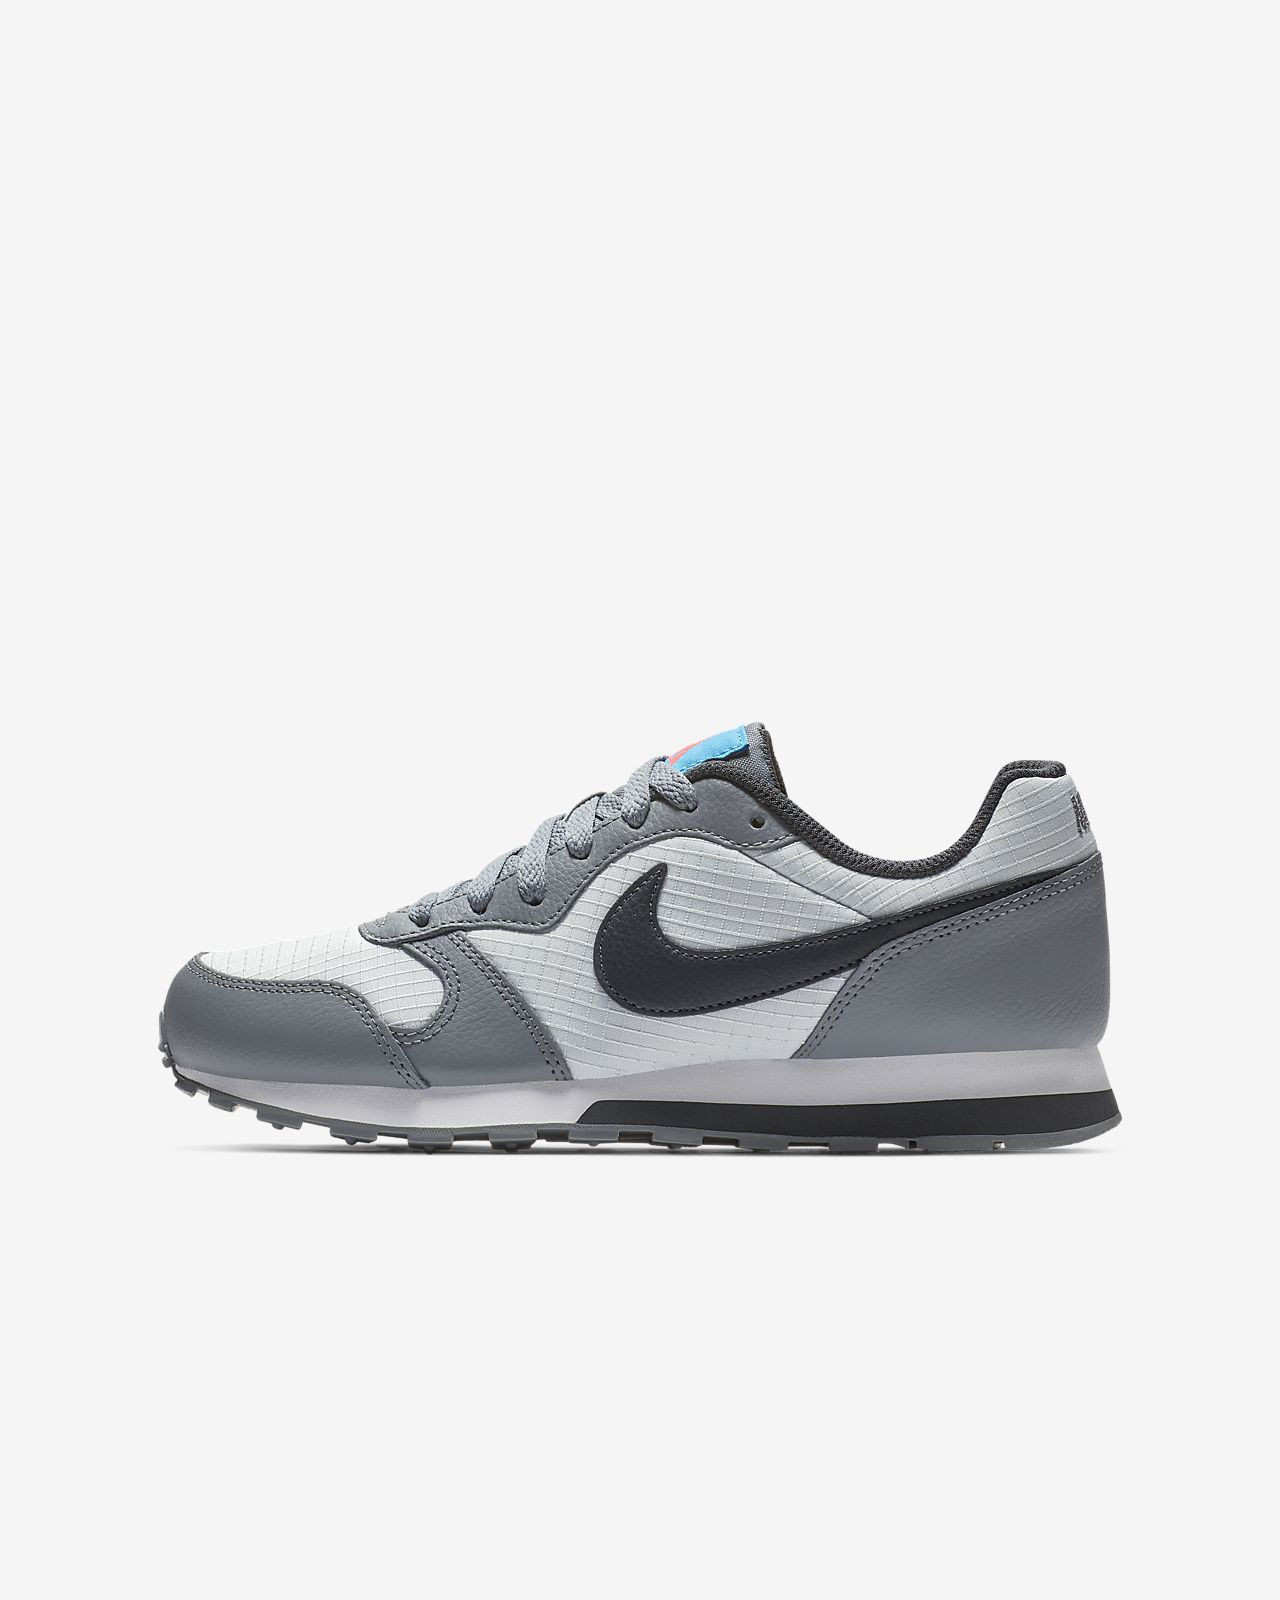 nike free run 5.0 flyknit, Nike md runner 2 women's low top